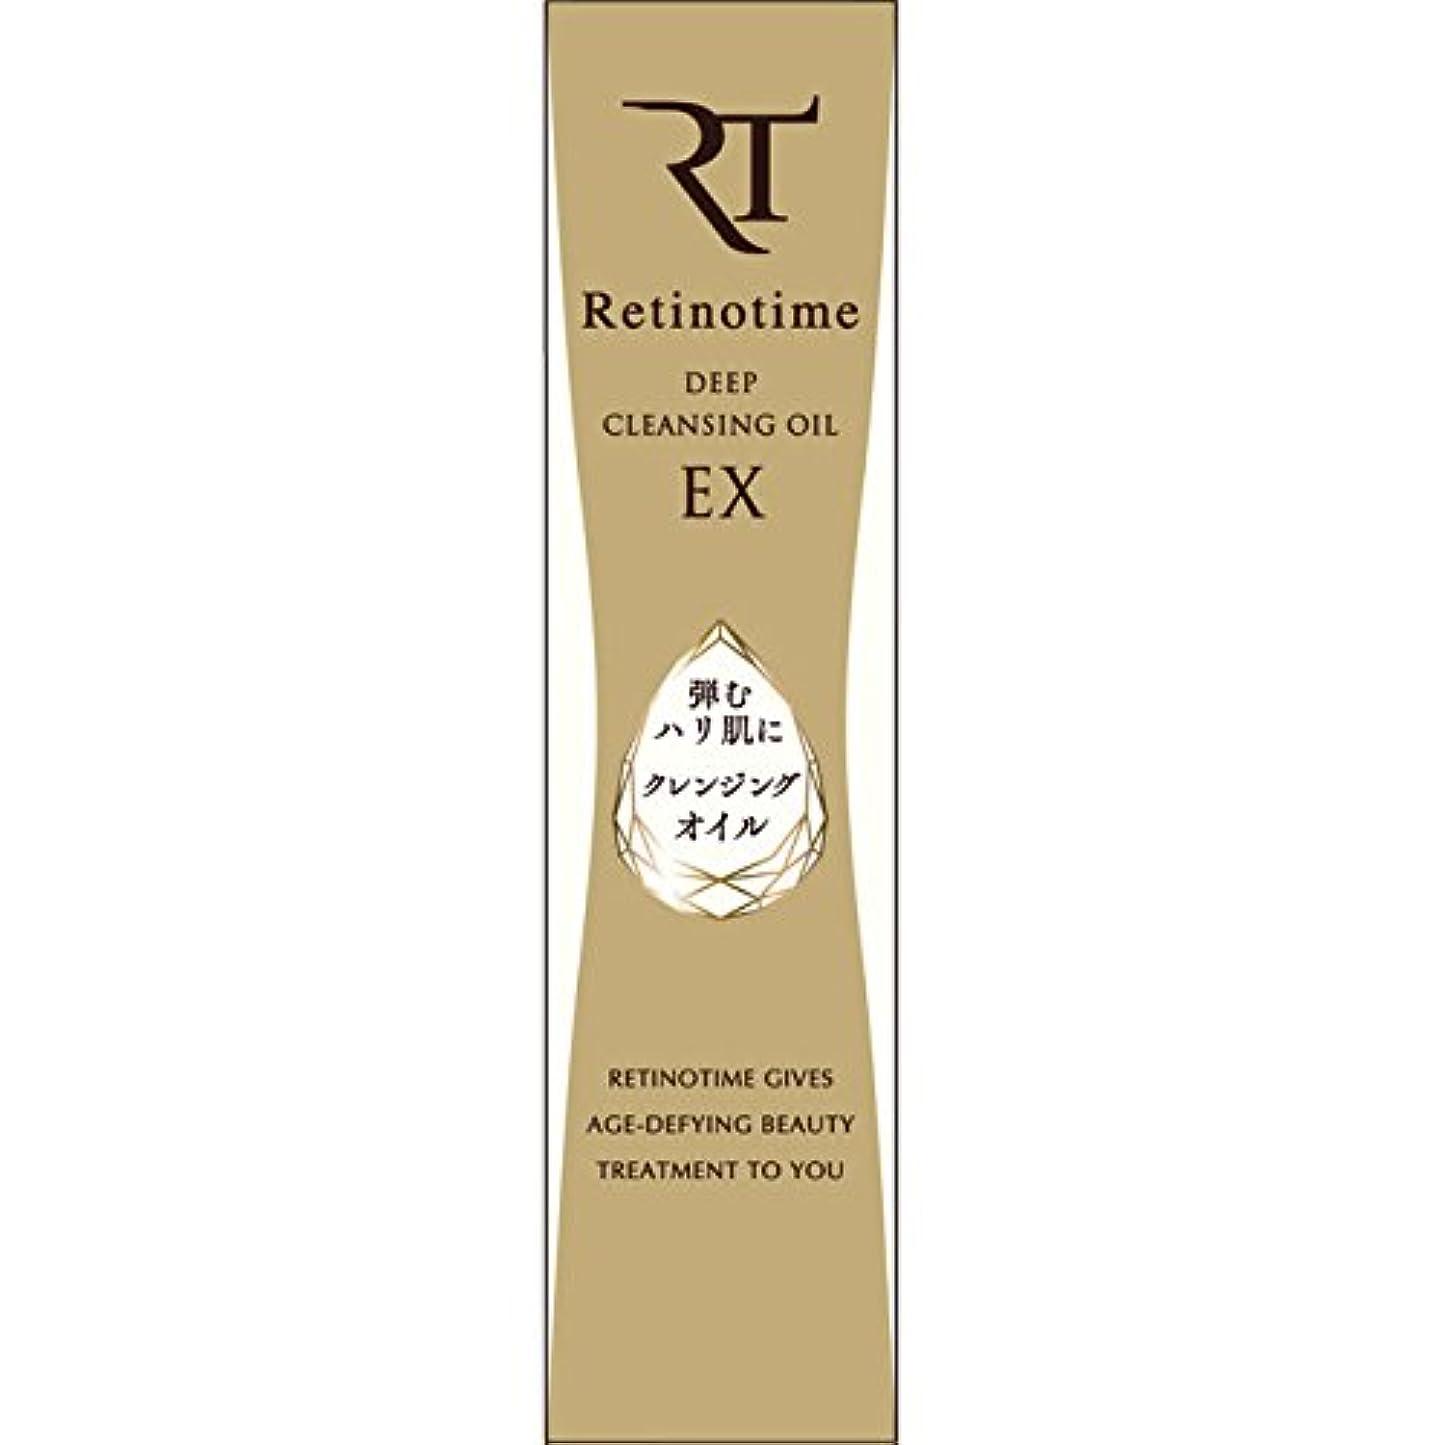 カフェテリアラップトップ長老ナリス化粧品 レチノタイム ディープクレンジングオイル EX 150ml